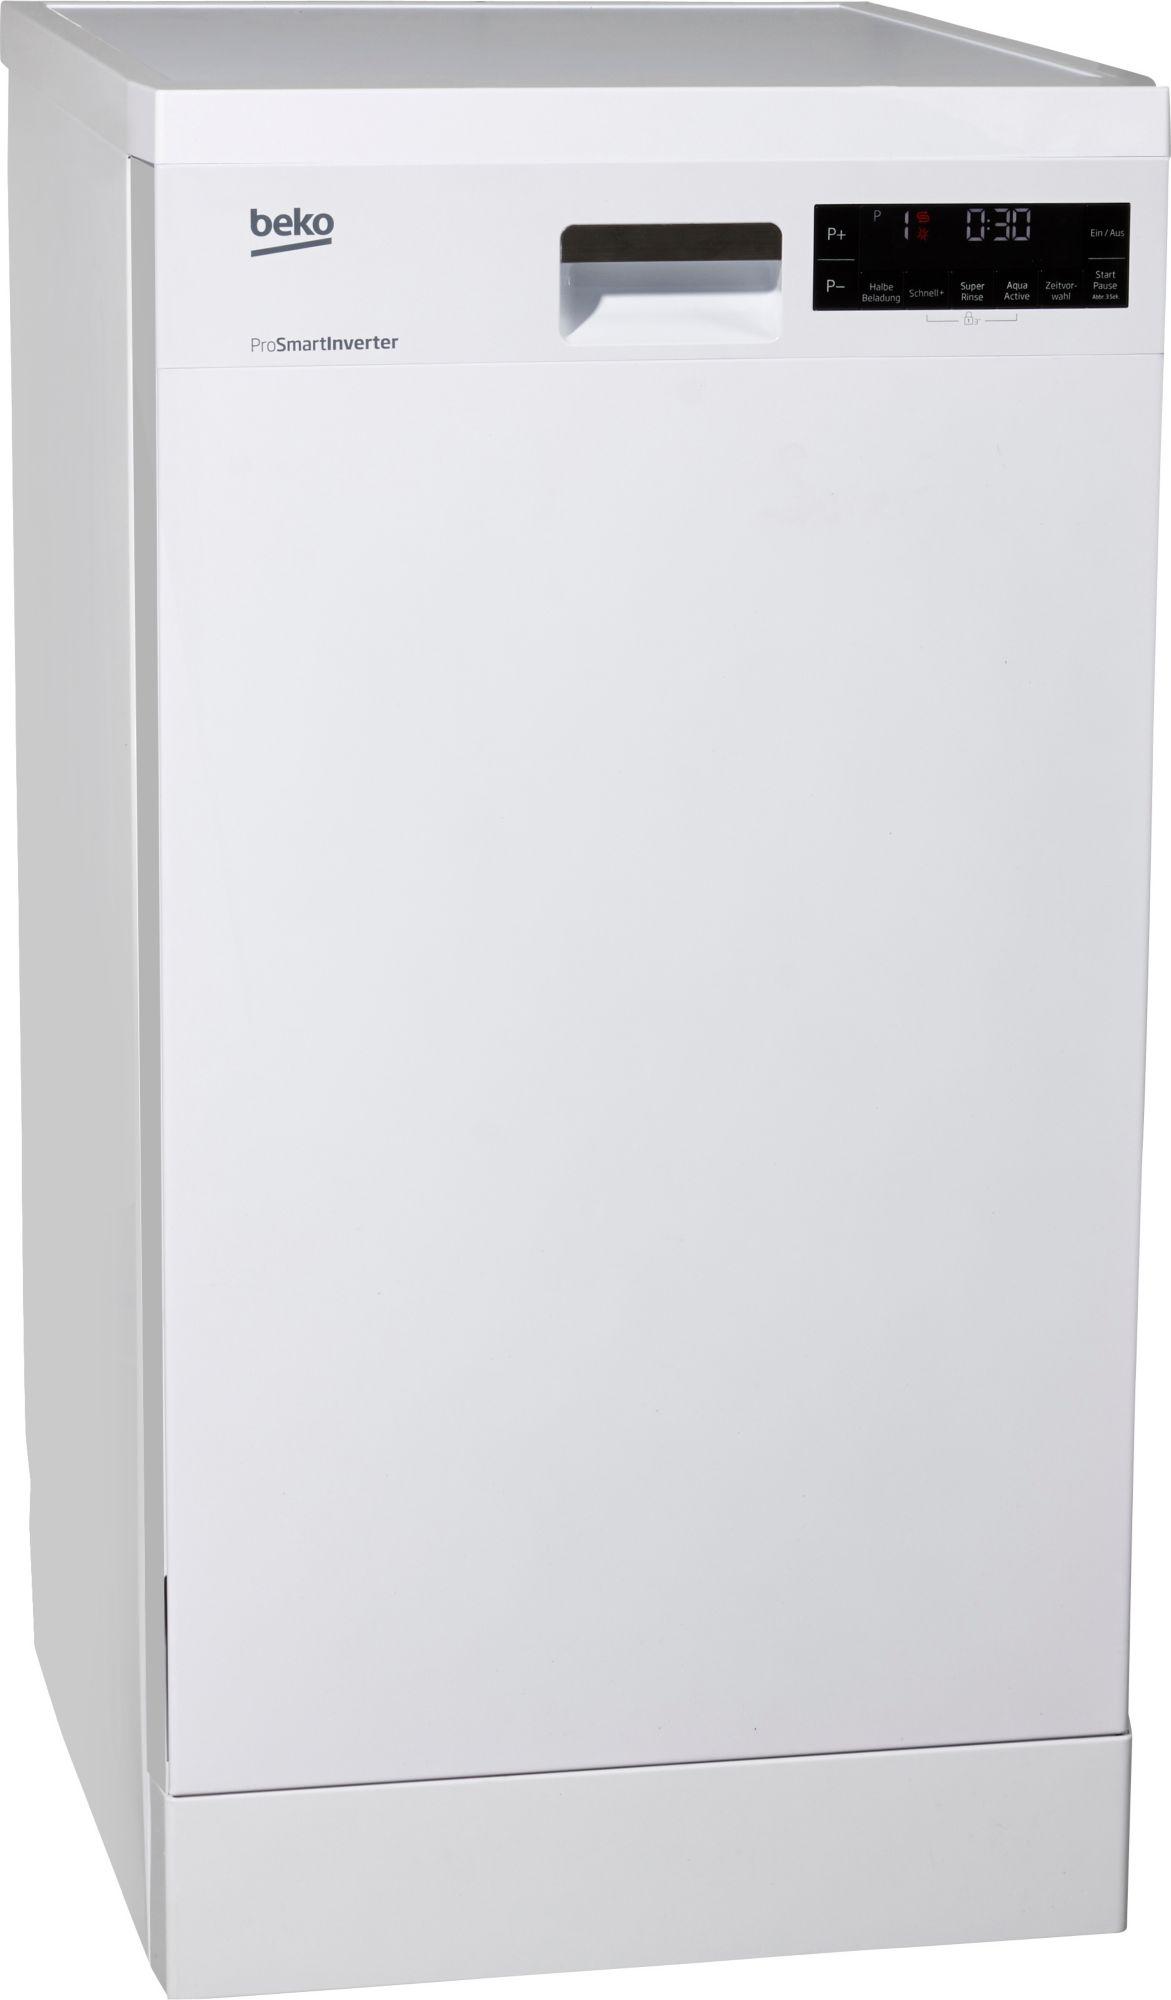 Beko Geschirrspüler DFS28020W, Energieklasse A++, 10  ~ Geschirrspülmaschine Größen